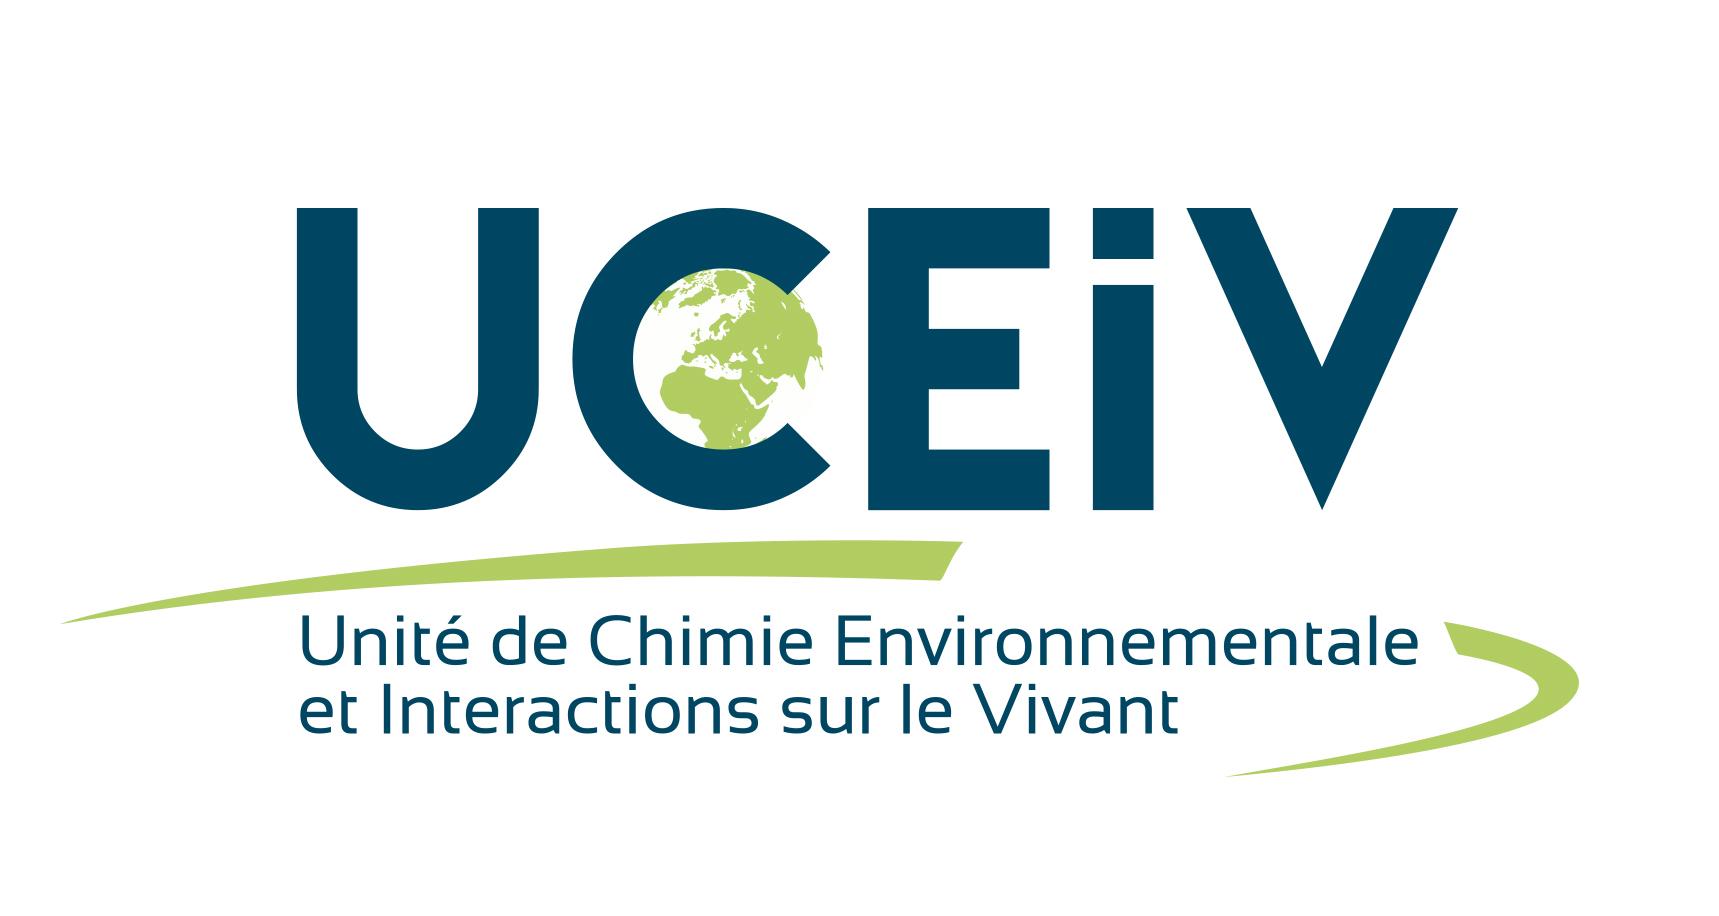 Unité de Chimie Environnementale et Interactions sur le Vivant (UCEIV)